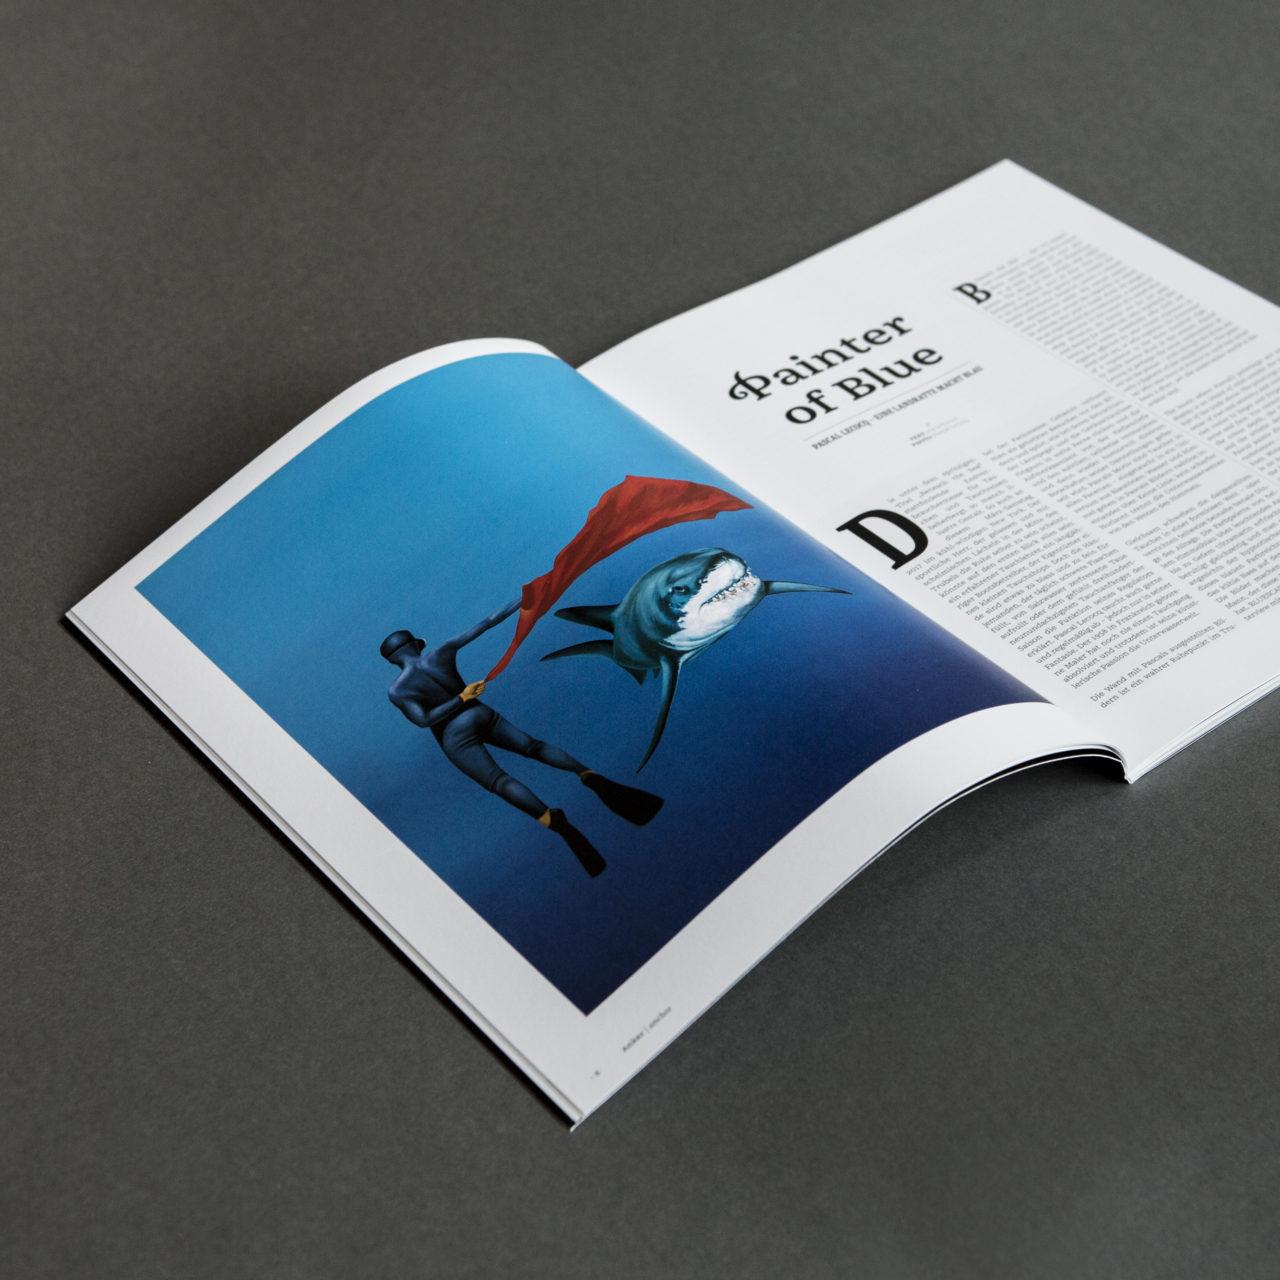 Bluescape Ausgabe 1 Beispielartikel